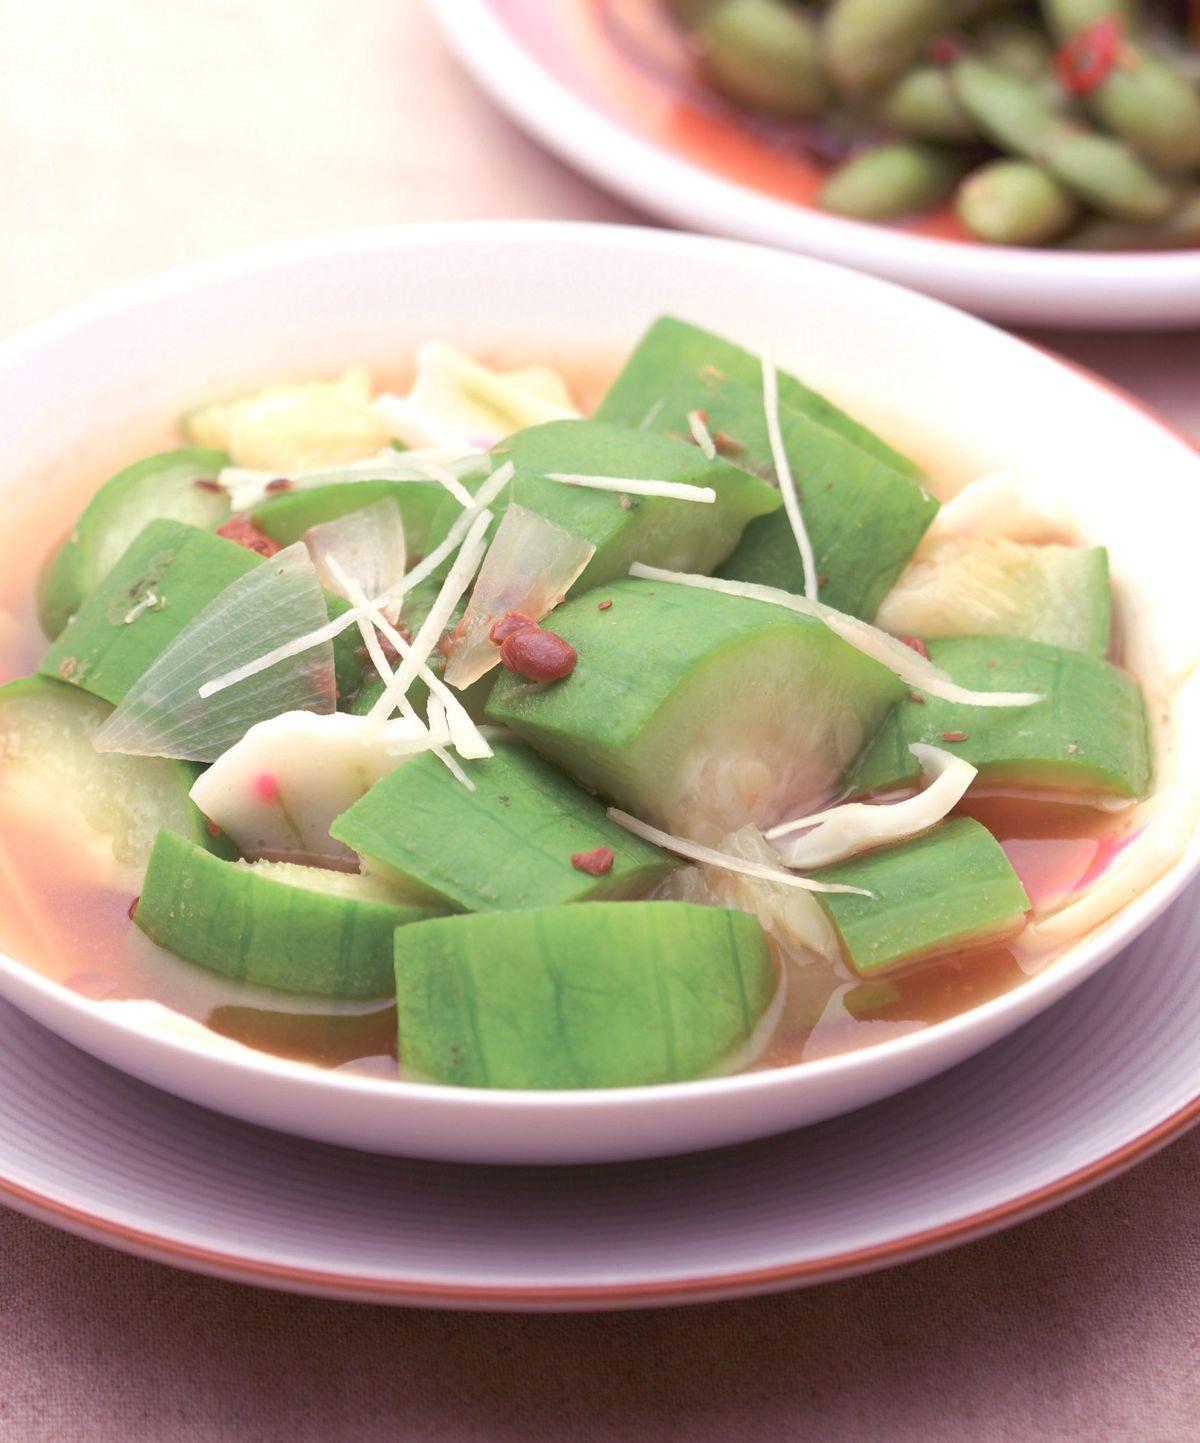 食譜:白甘蔗滷絲瓜